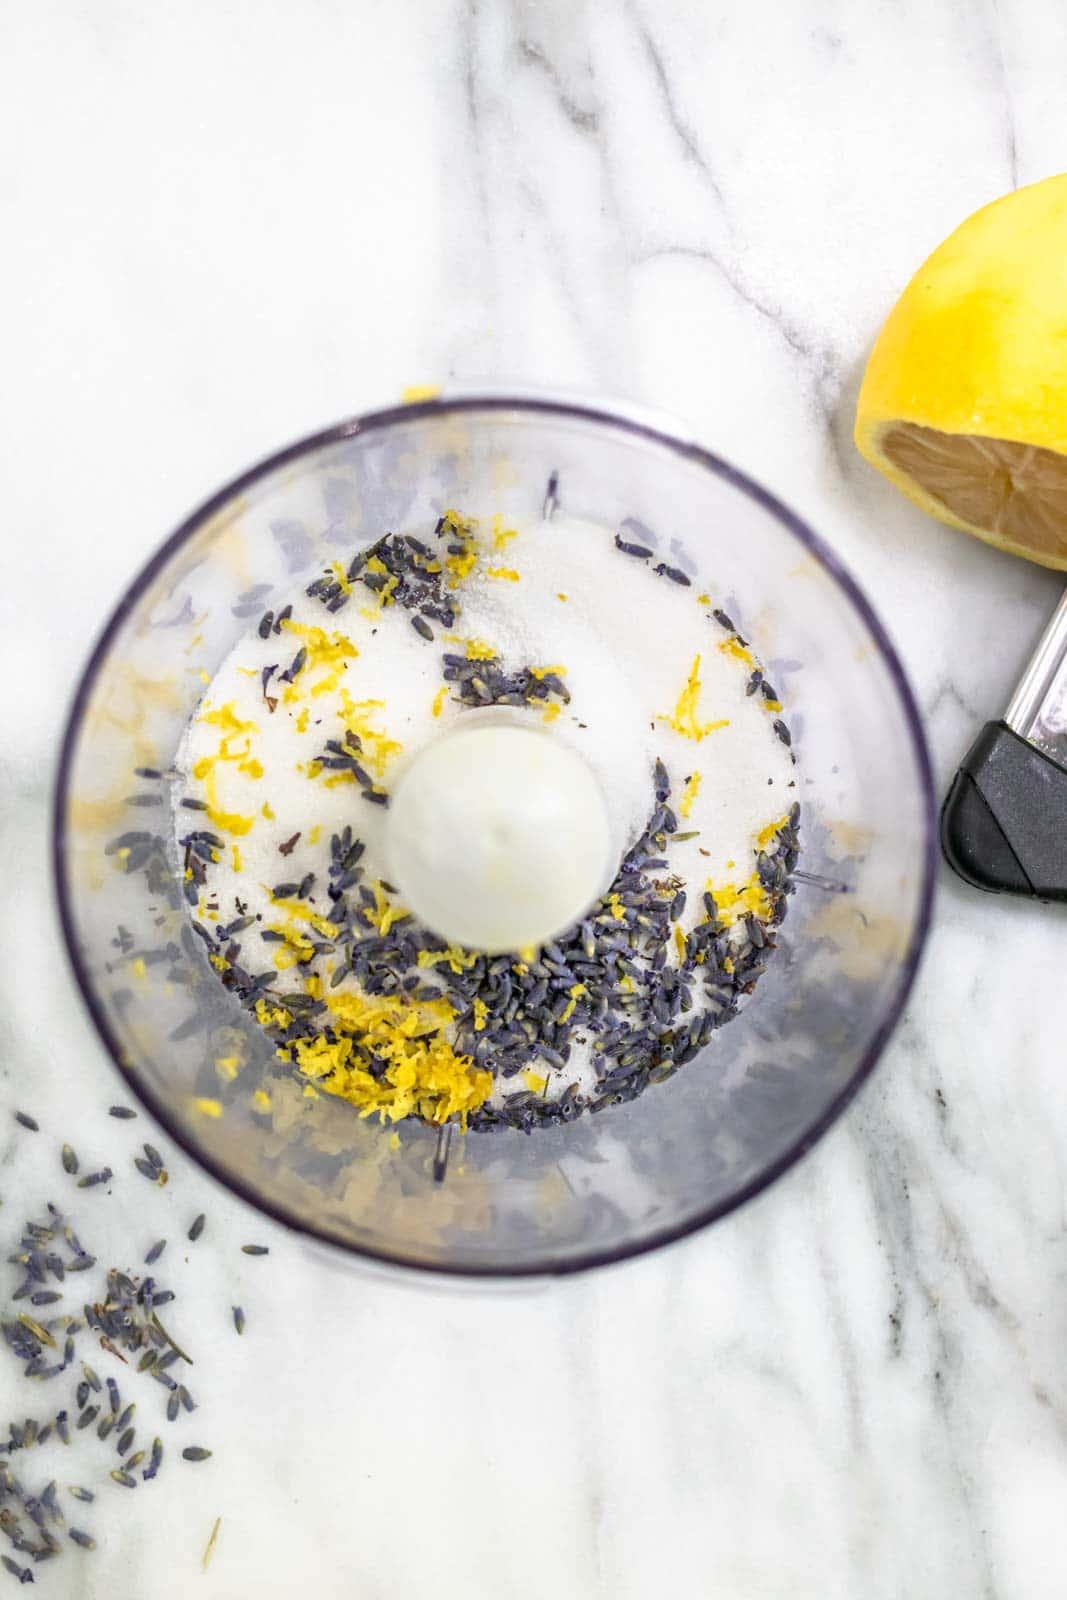 sugar, lemon zest and lavender buds in food processor